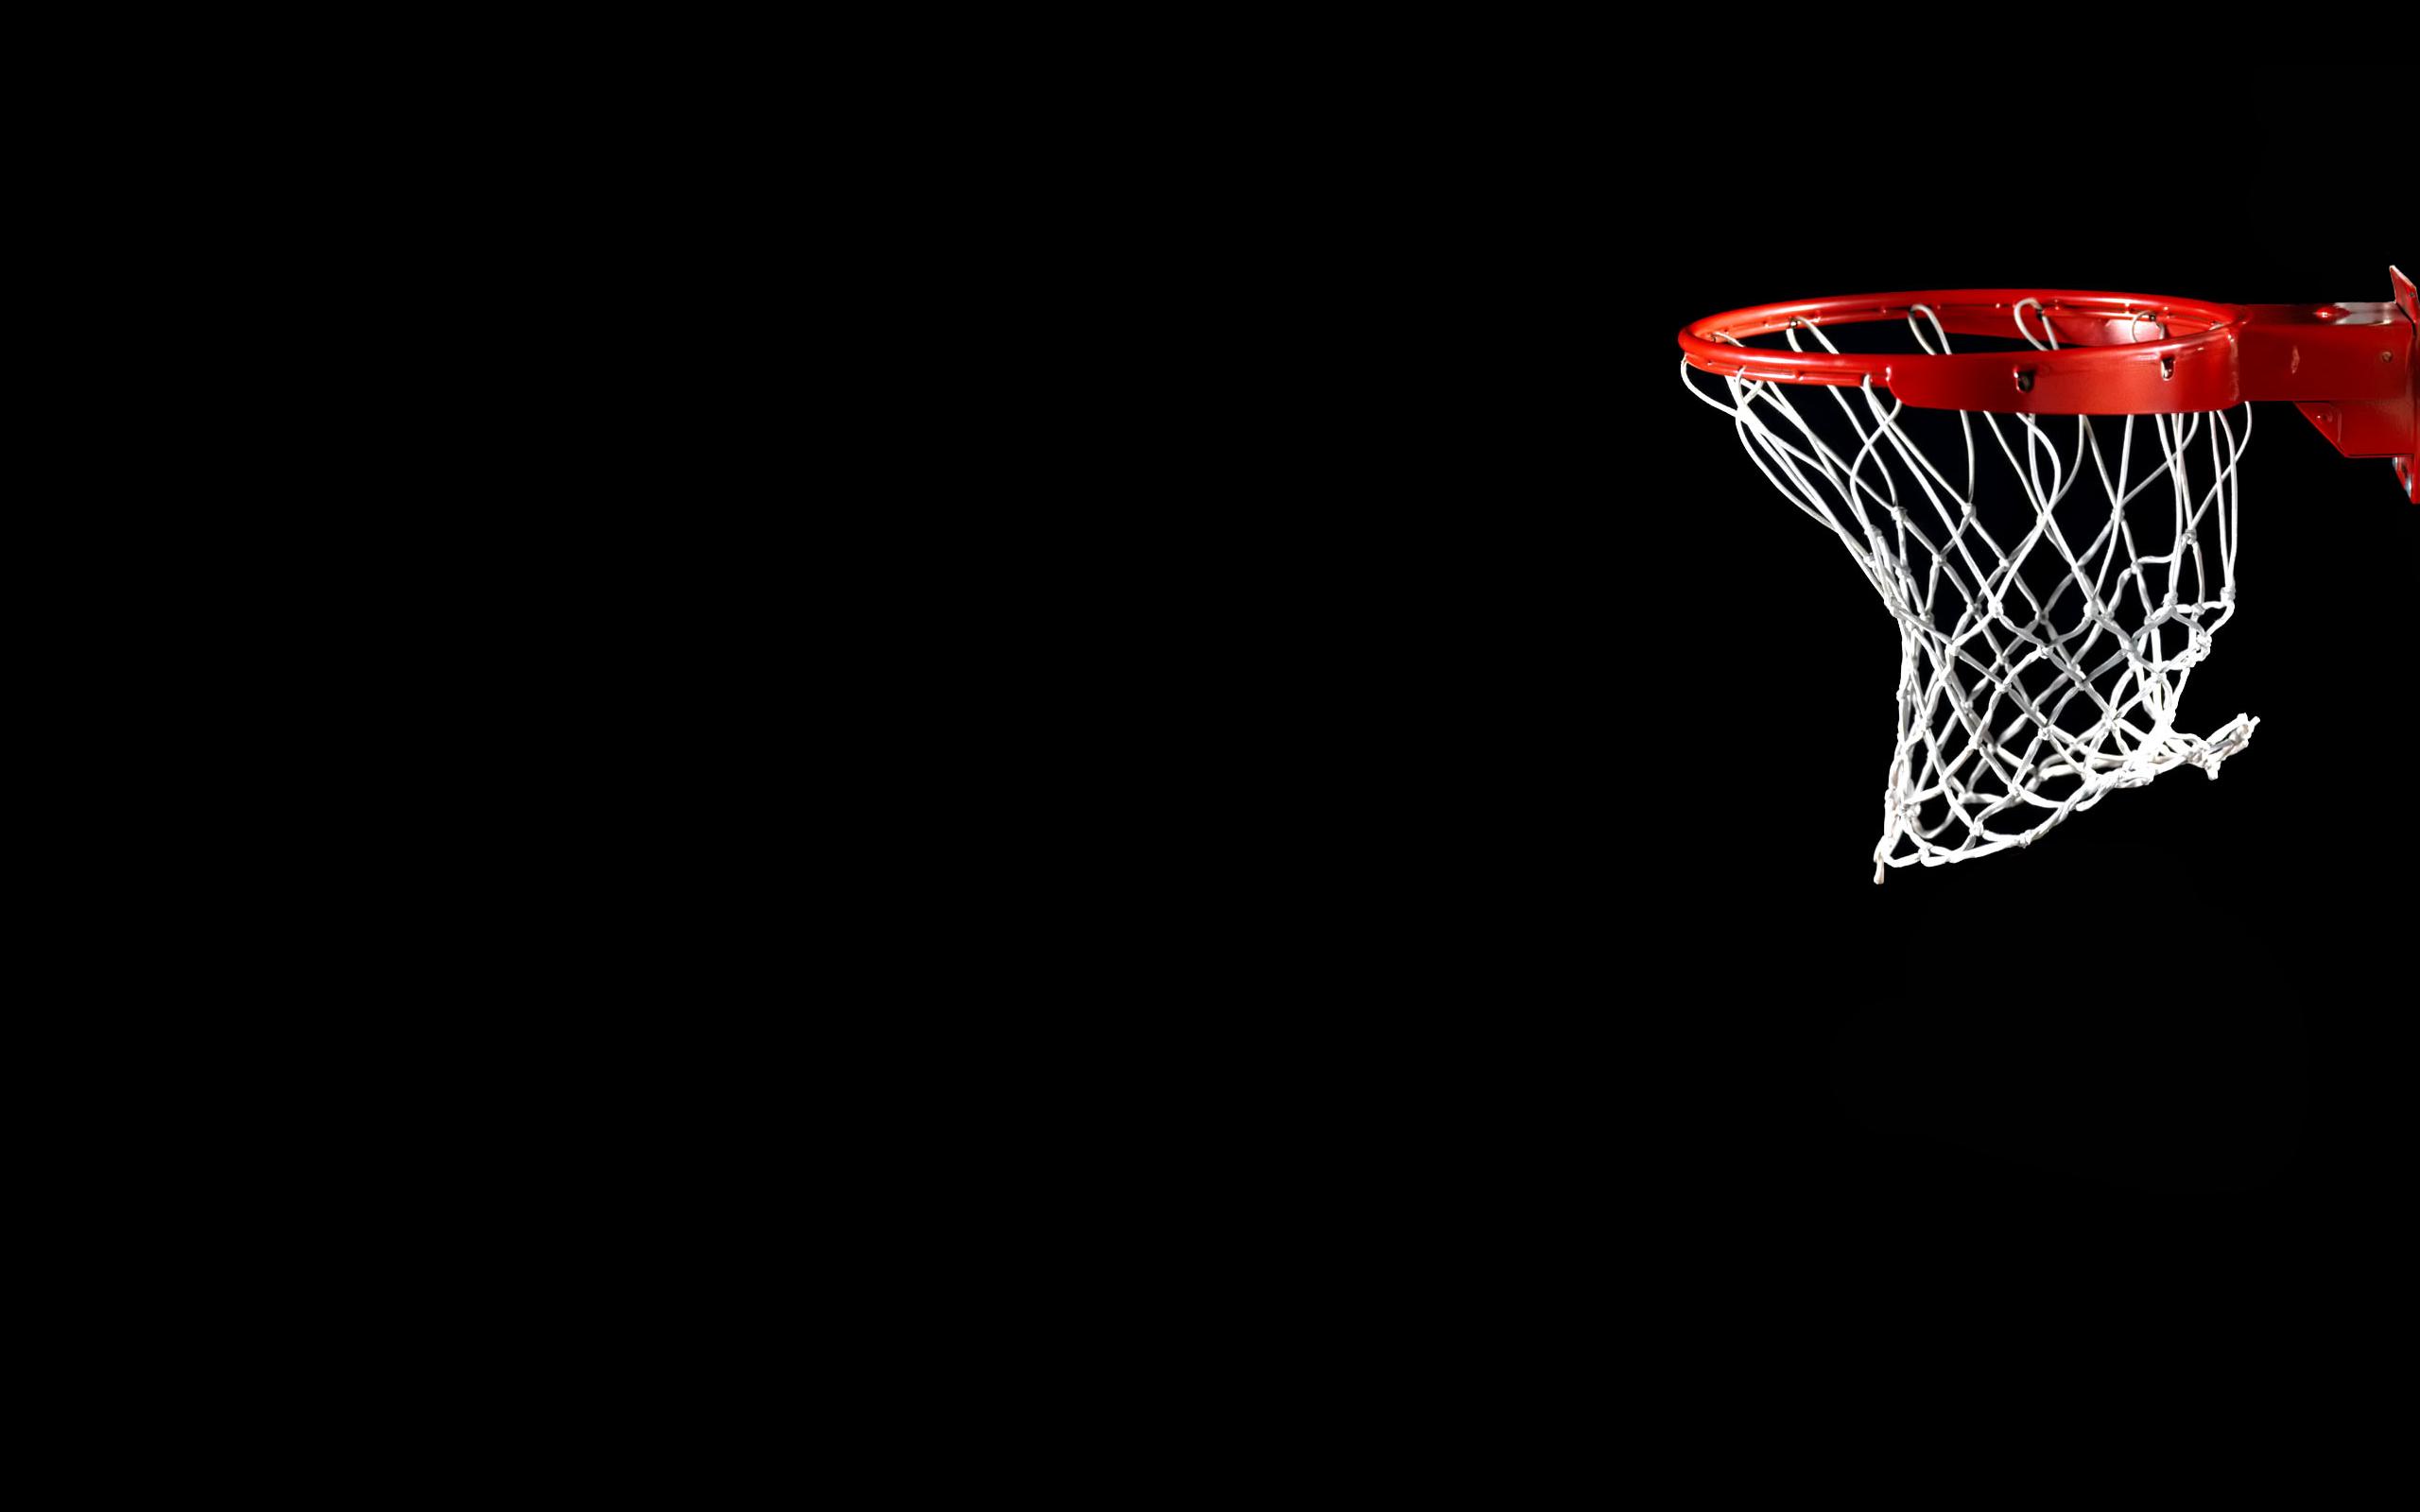 Баскетбольная корзина, фото, обои для рабочего стола